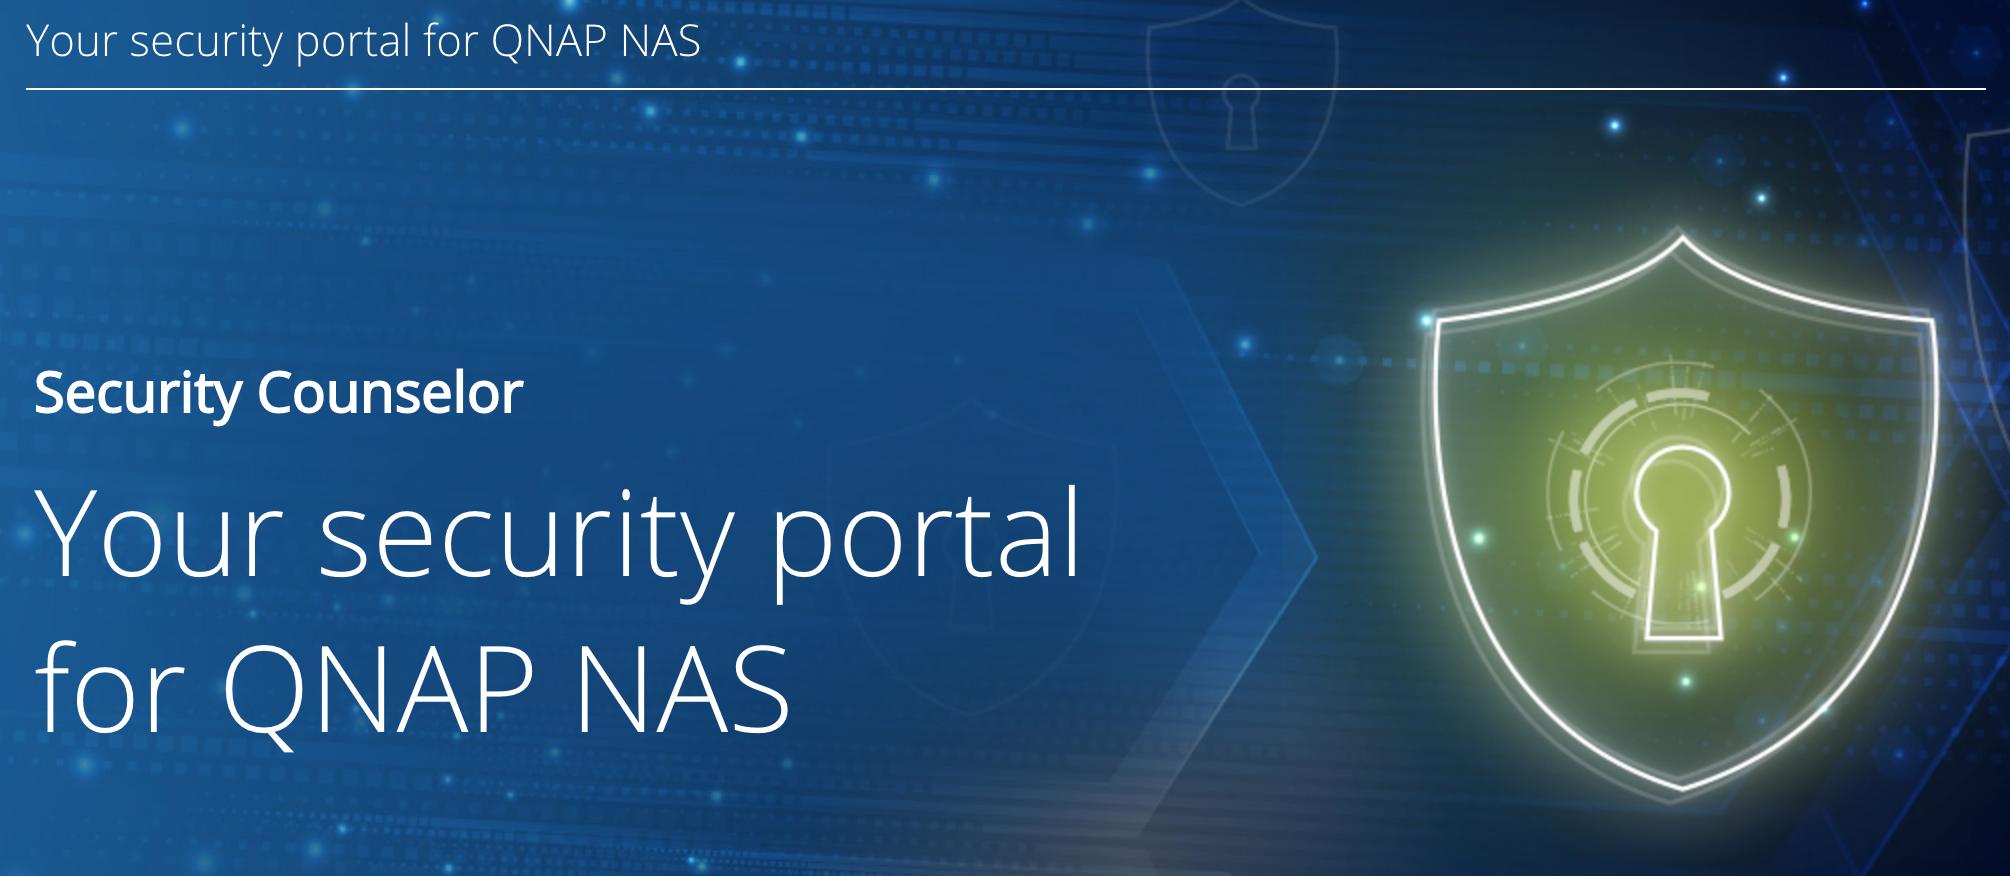 QNAP Security Counselor ที่ปรึกษาส่วนตัวของคุณ เรื่องความมั่นคงปลอดภัยของข้อมูลบน QNAP NAS 1